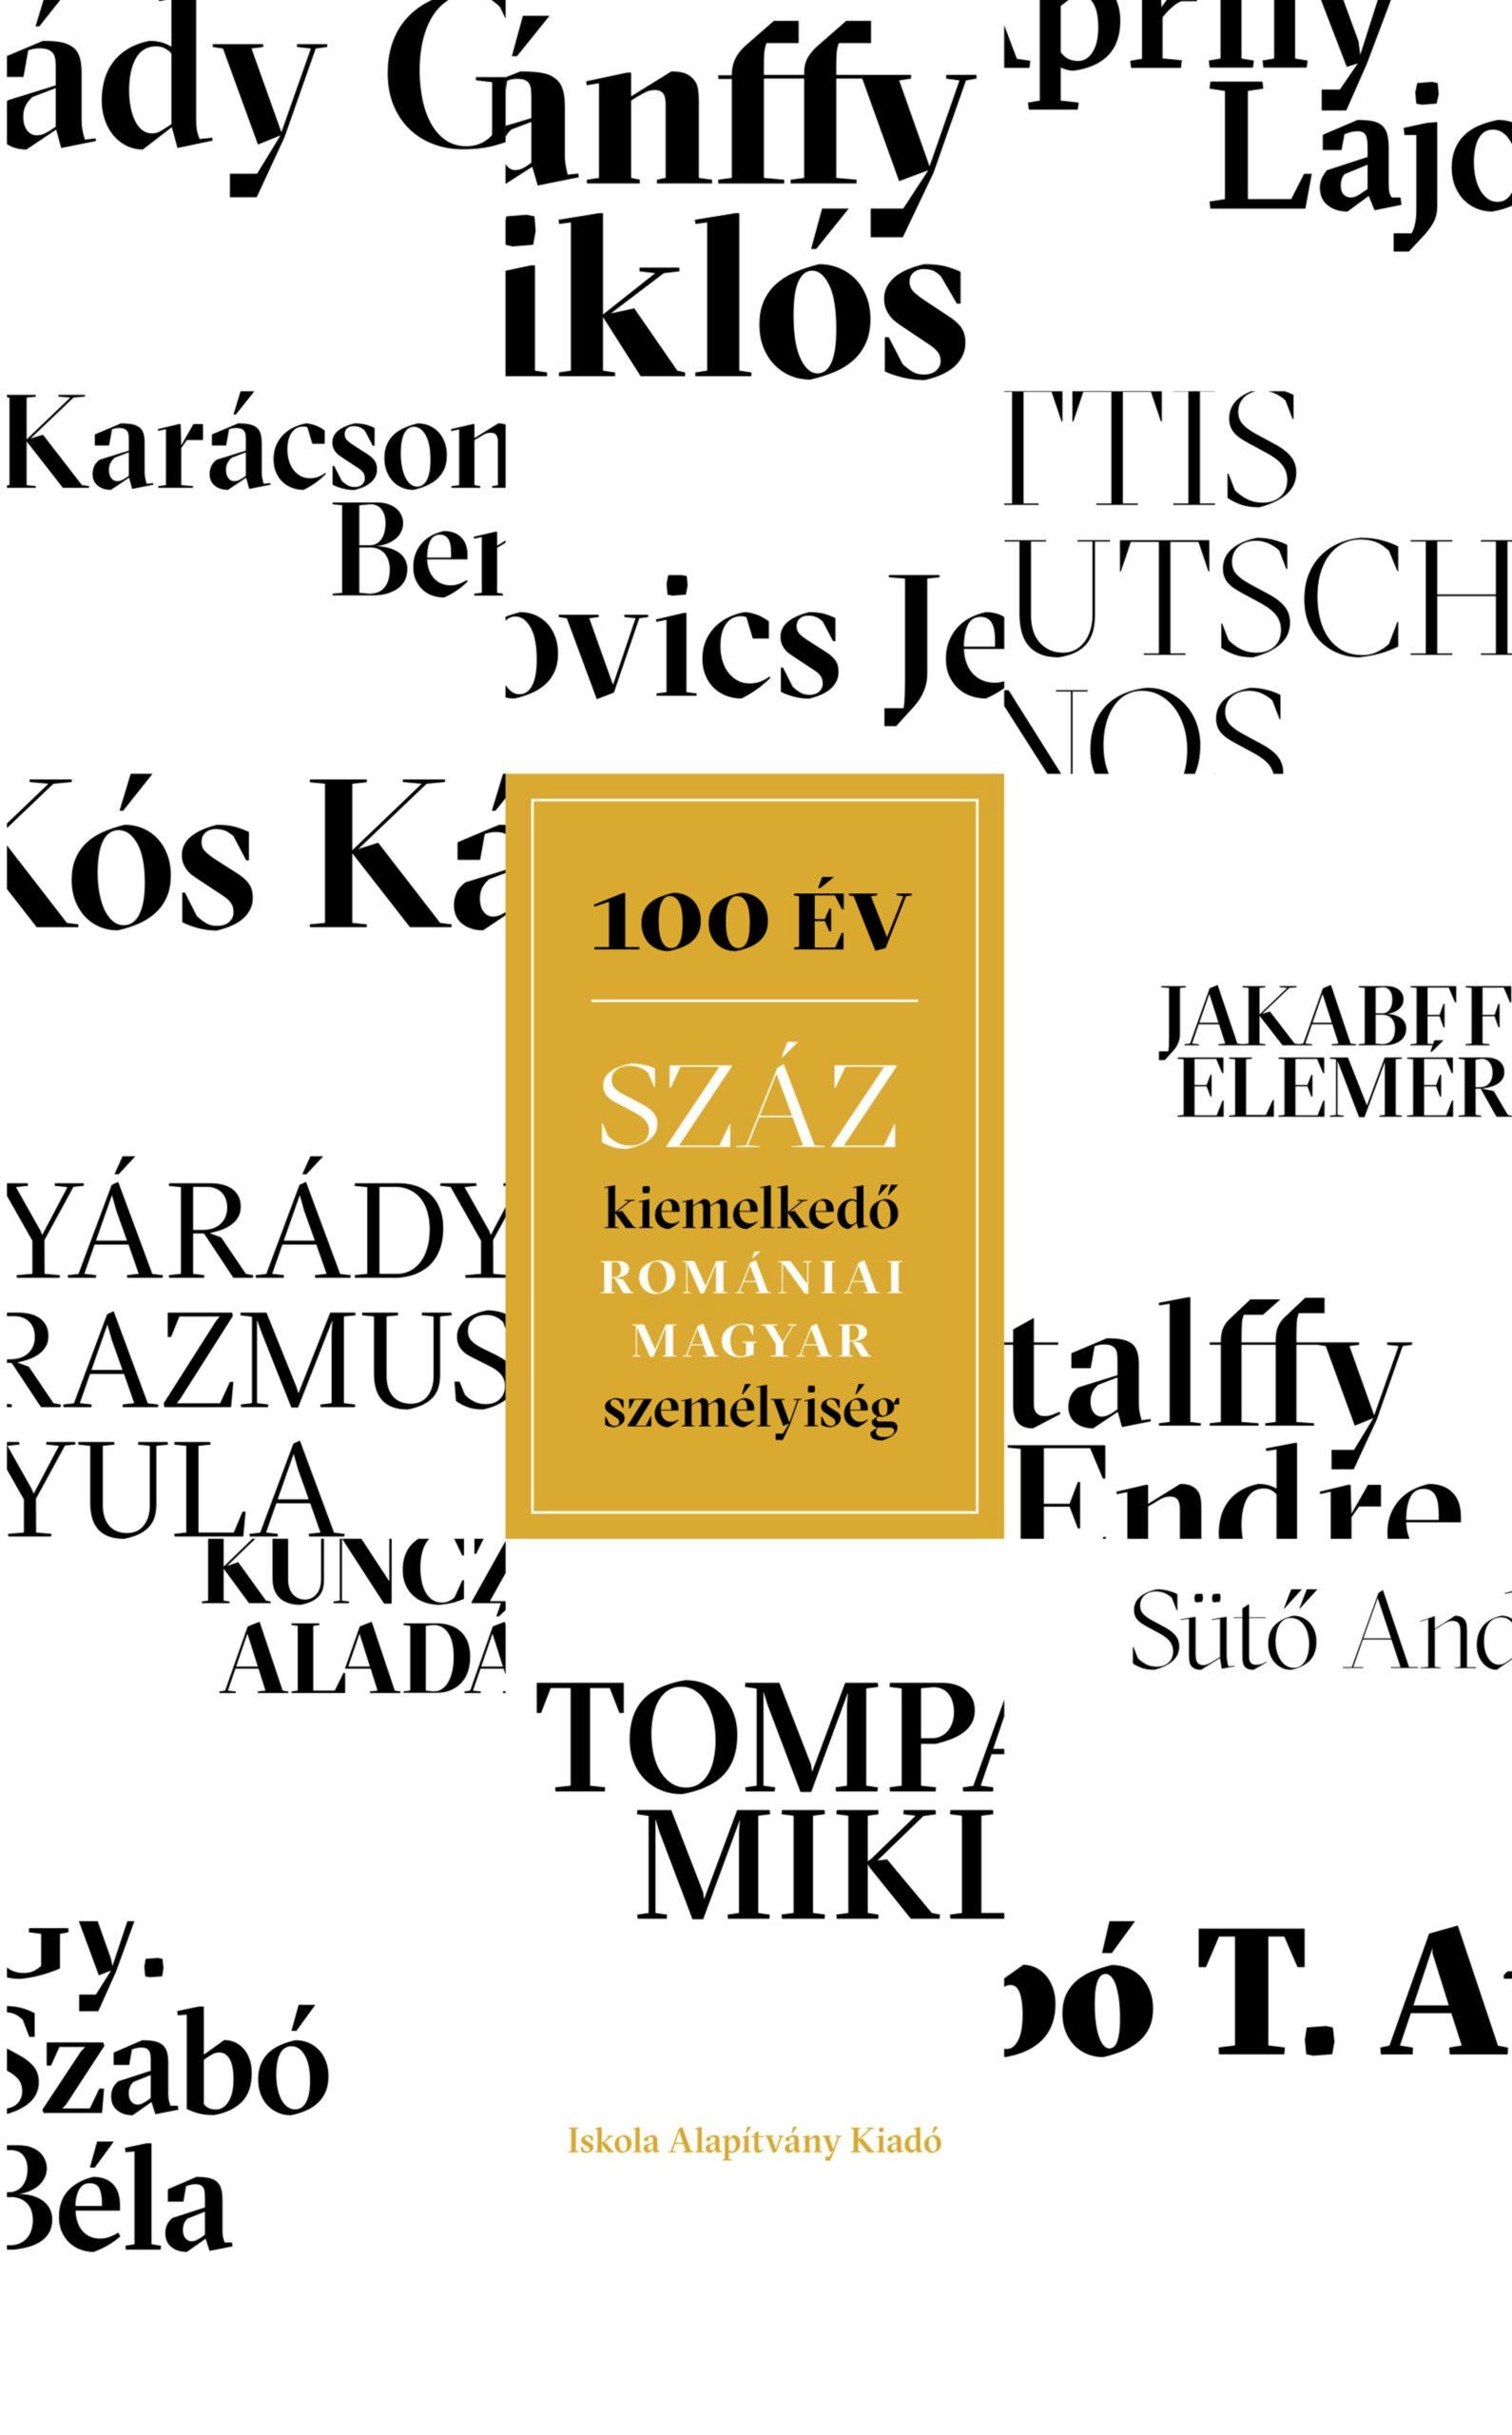 100 év – száz kiemelkedő romániai magyar személyiség